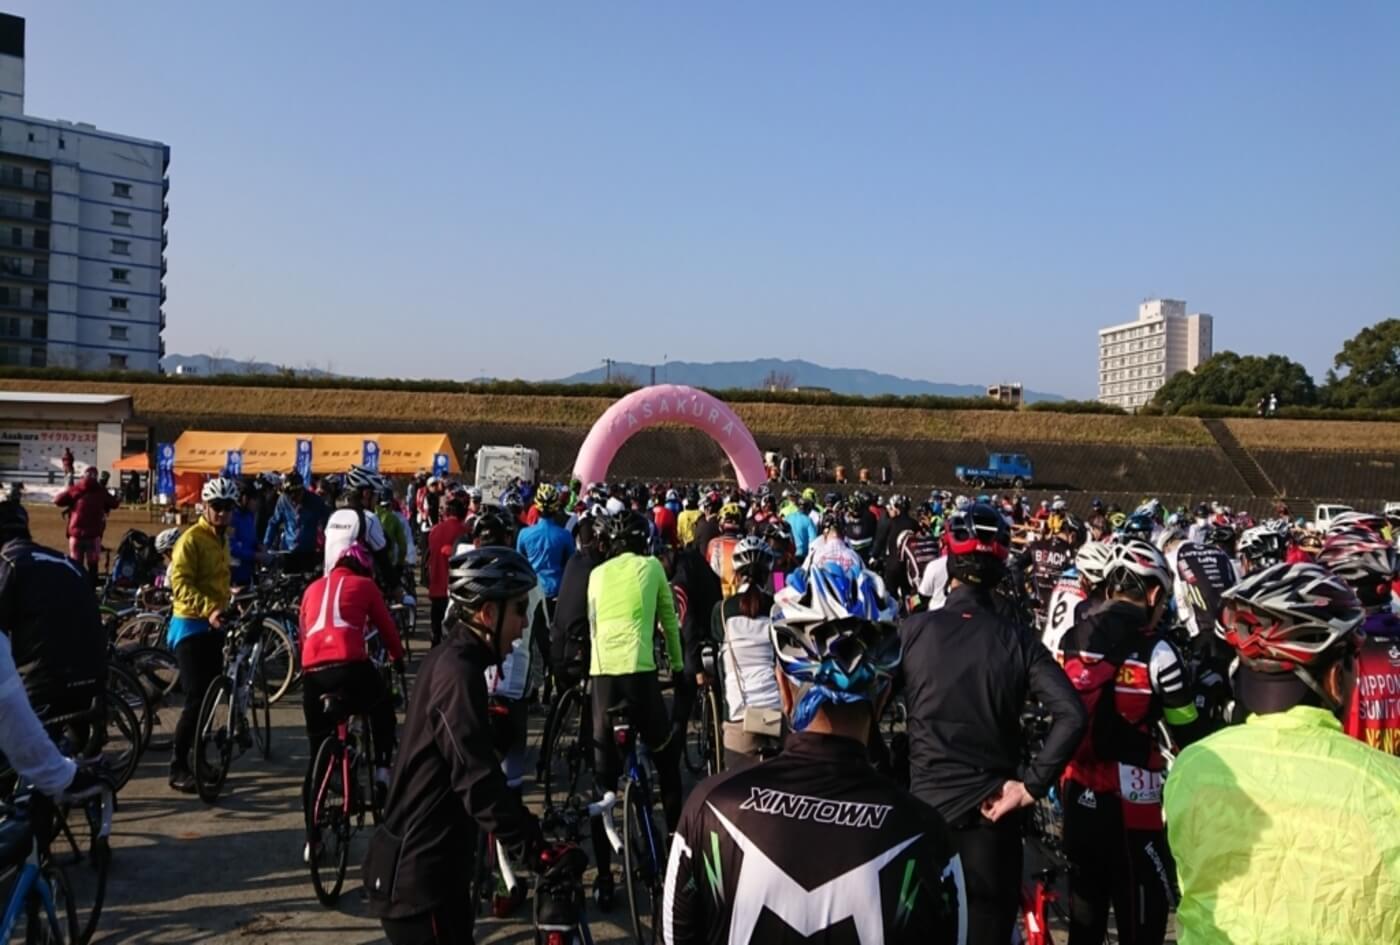 福岡県センチュリーラン大会~復興支援ツール・ド・ASAKURA~   福岡県